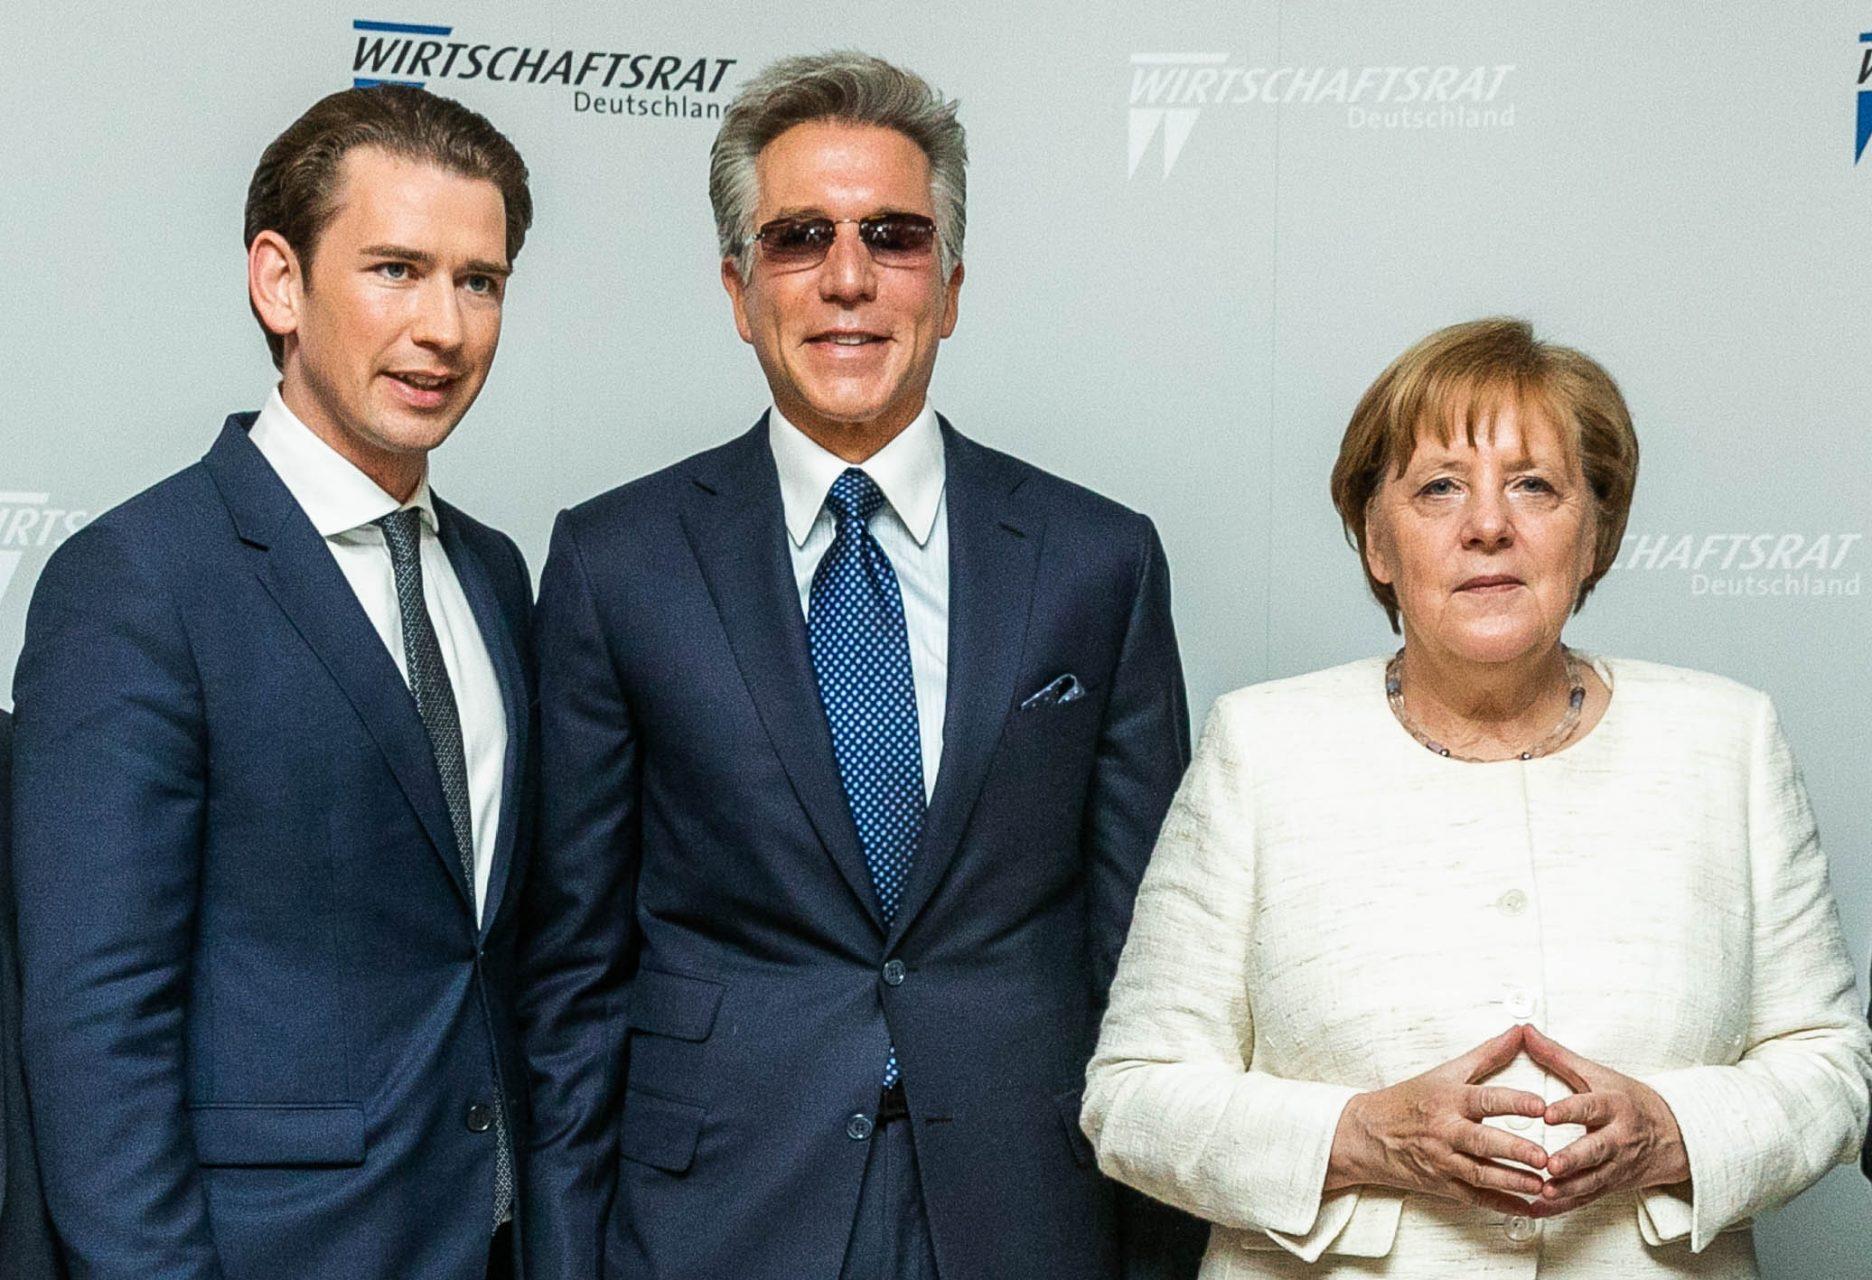 McDermott, Merkel, Kurz